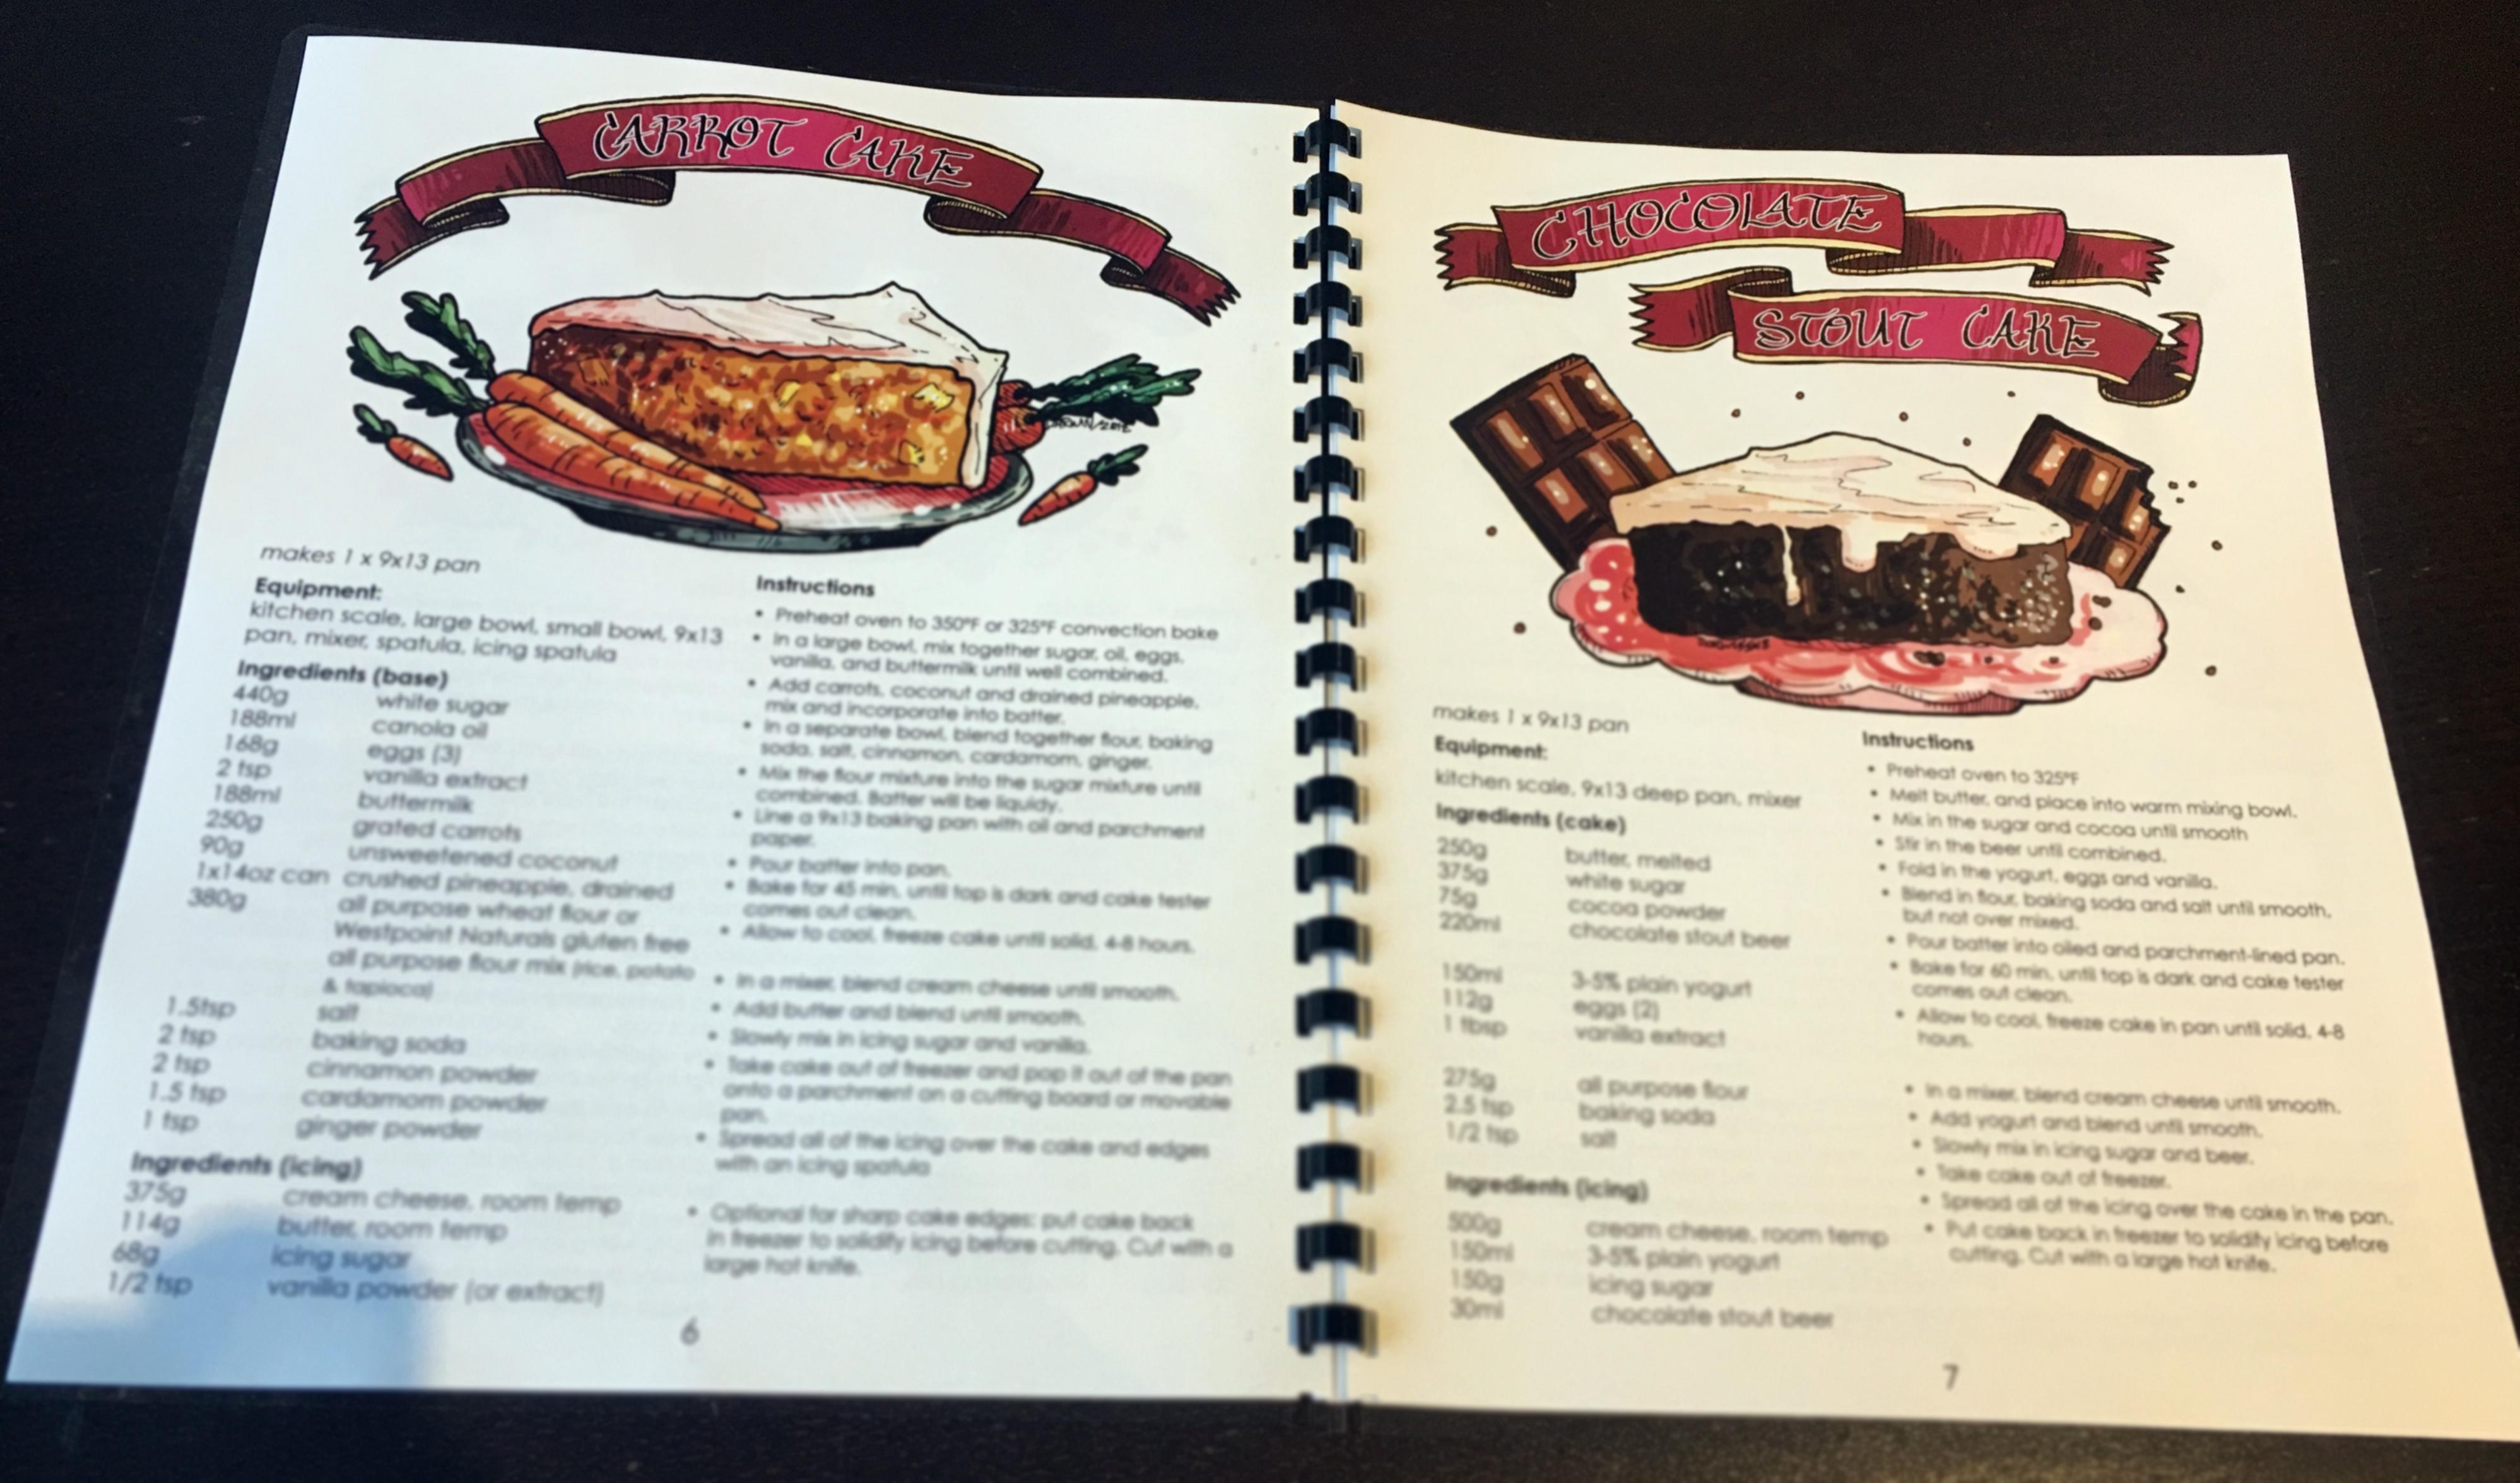 The Tea Girl recipe book